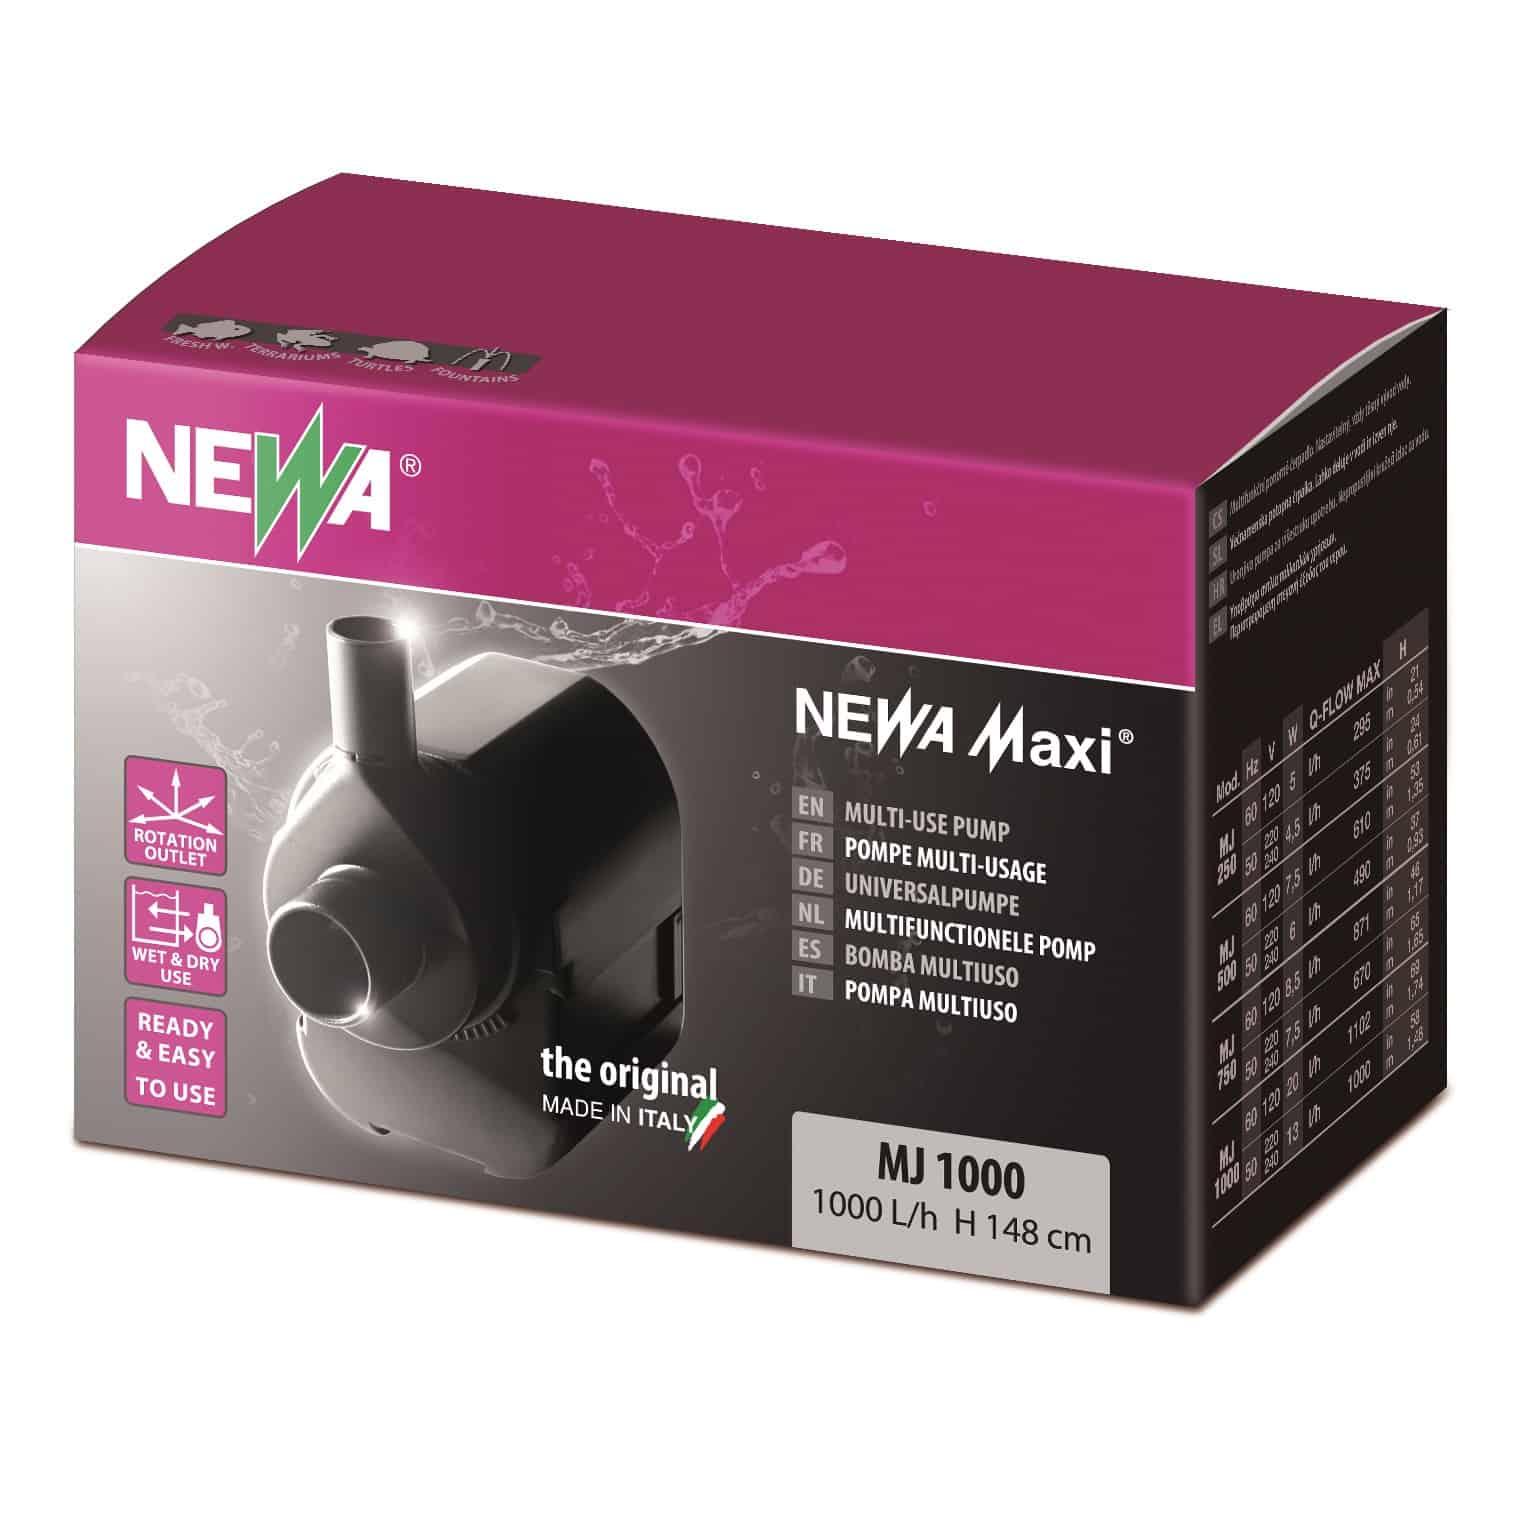 NEWA Maxi 1000 pompe universelle pour aquarium avec débit de 1000 L/h